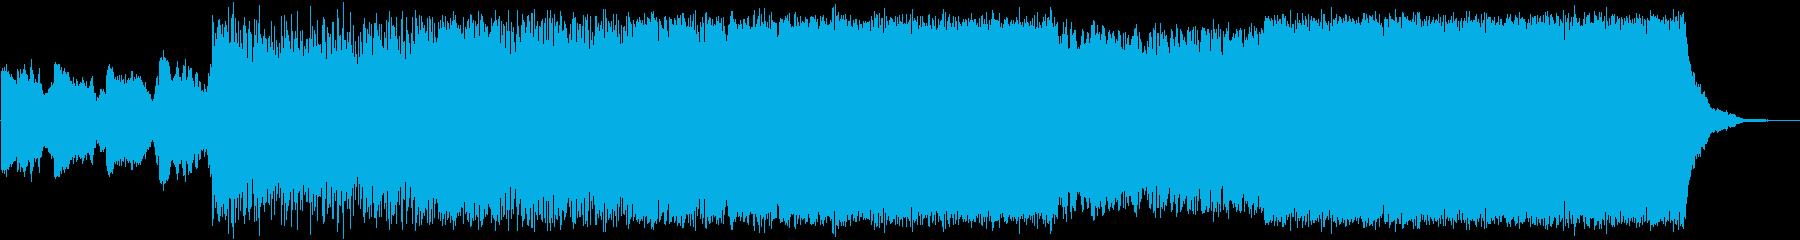 ダークなテクスチャーの再生済みの波形